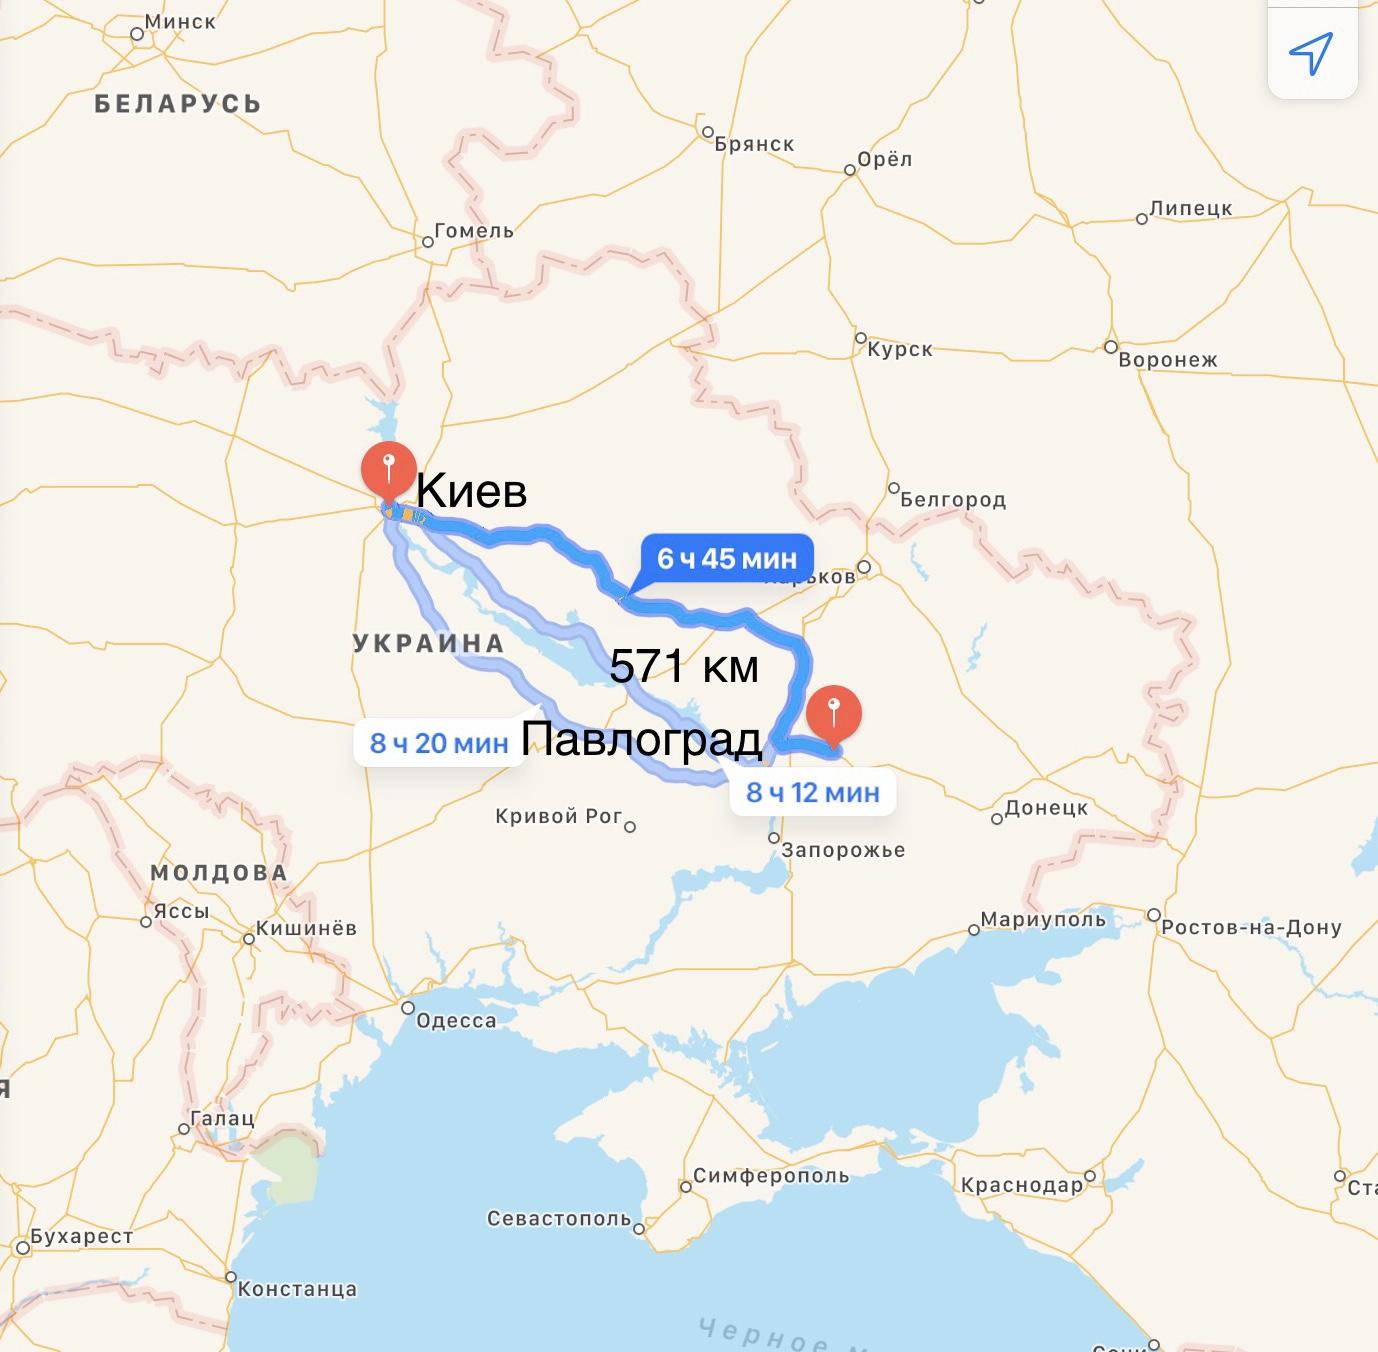 Грузоперевозки Киев – Павлоград